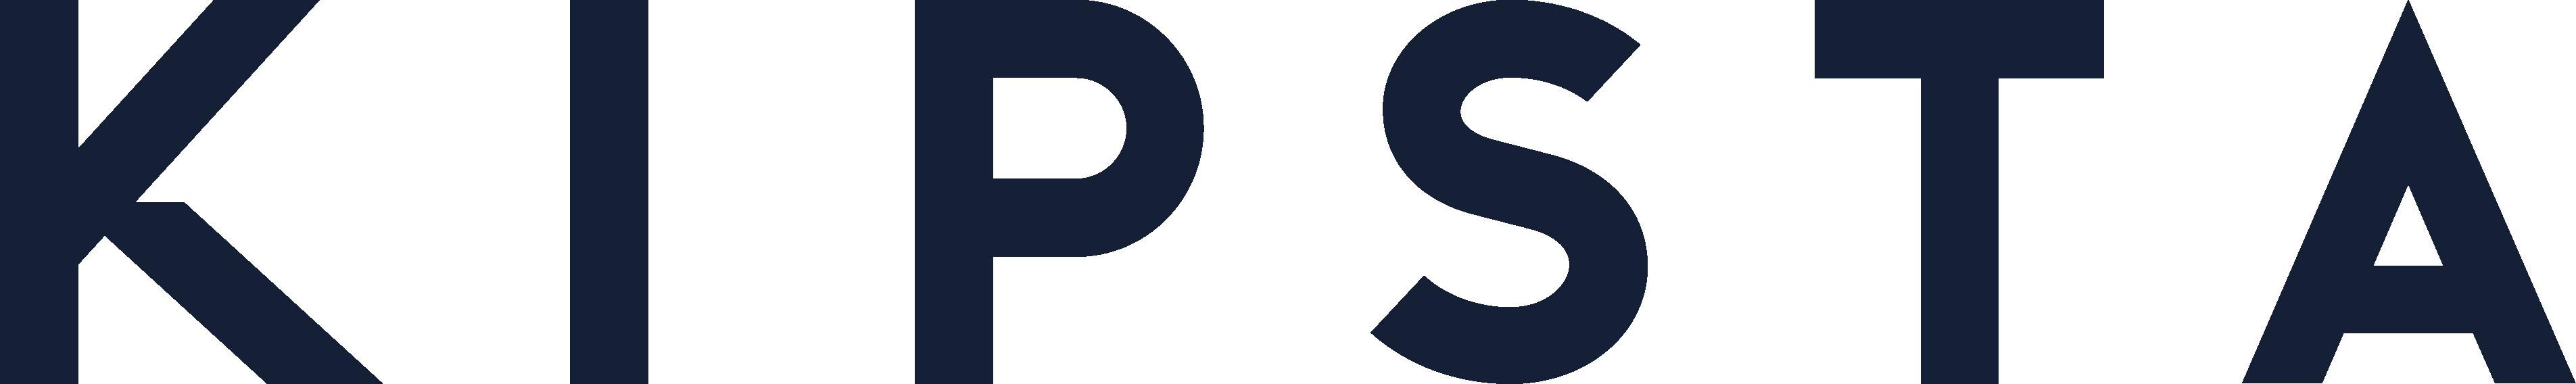 Kipsta_logo_blue.png